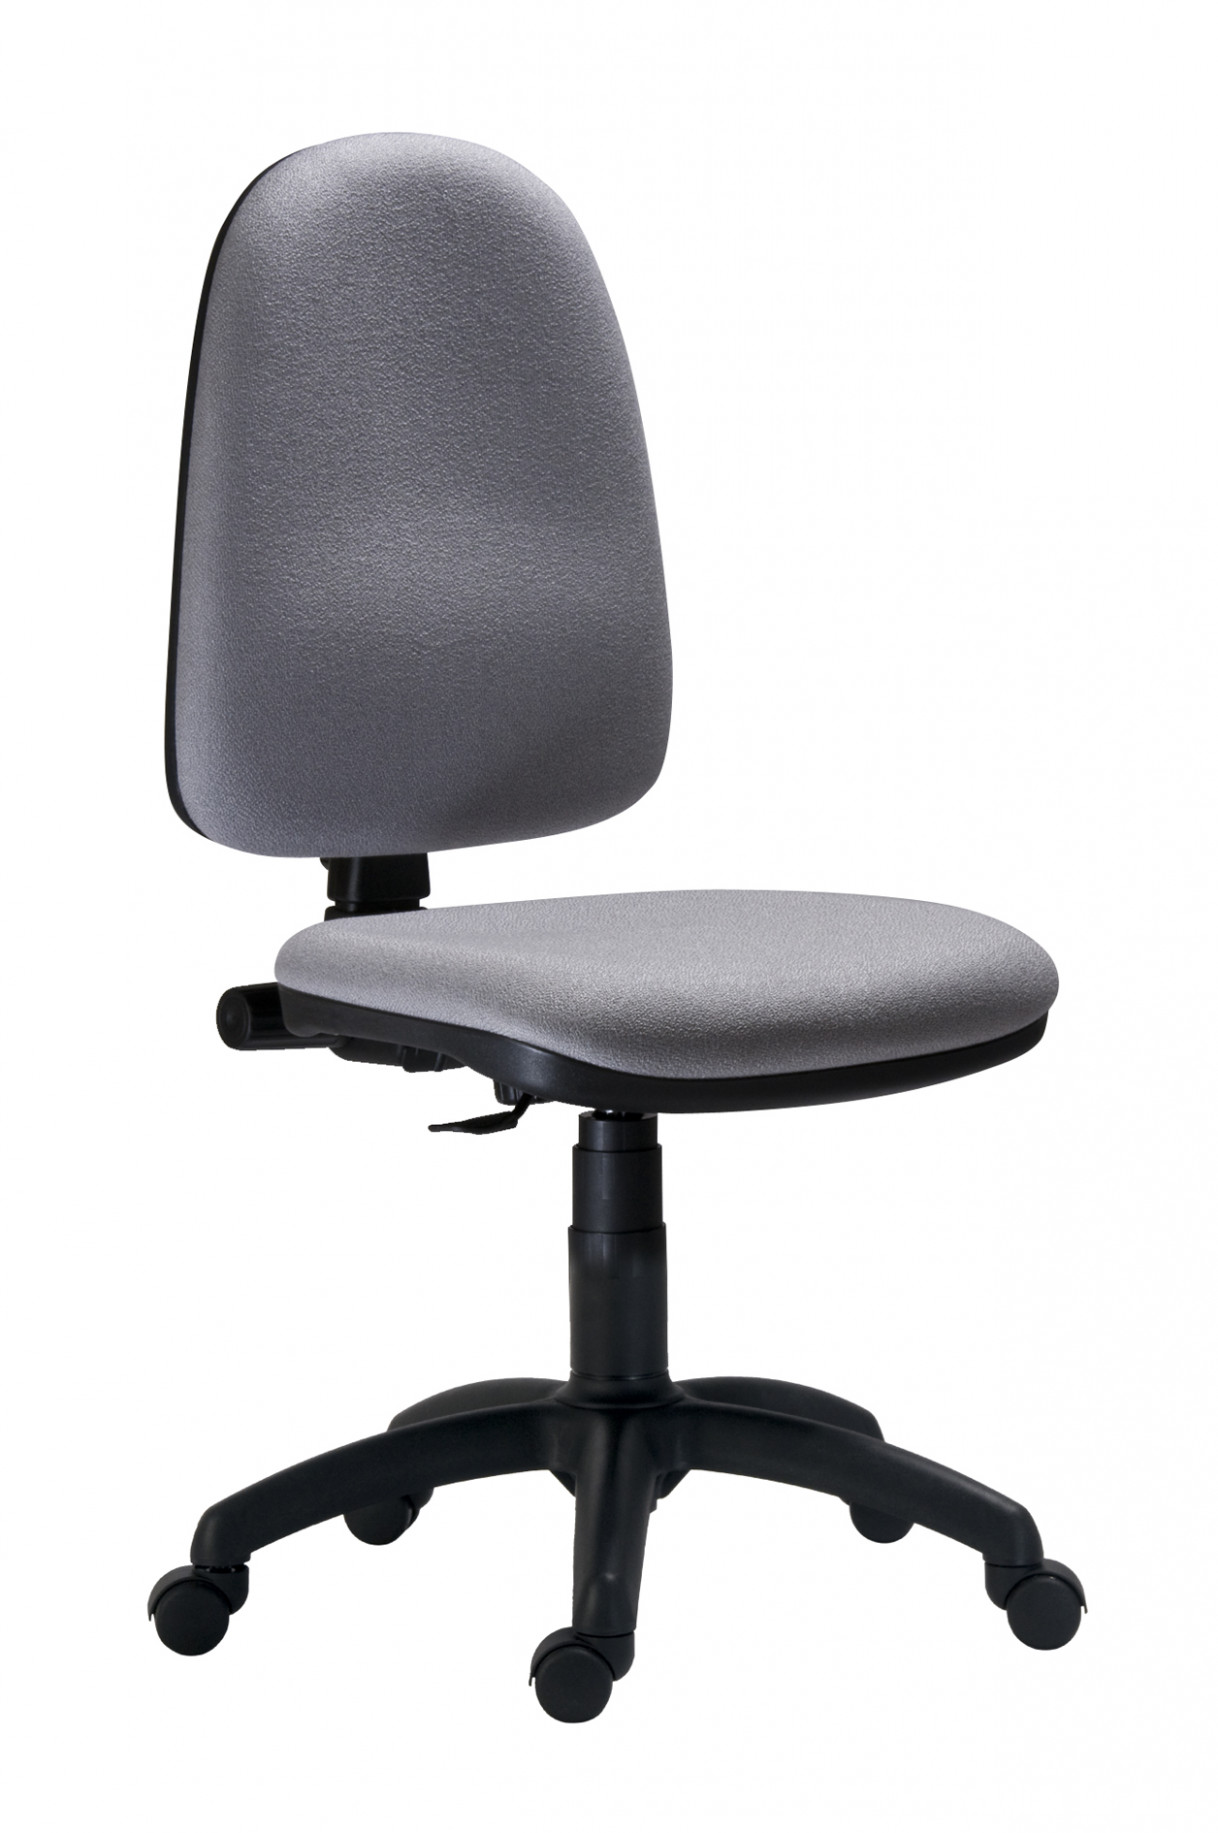 Galerie Ideas Kvalitni z Kancelářské židle